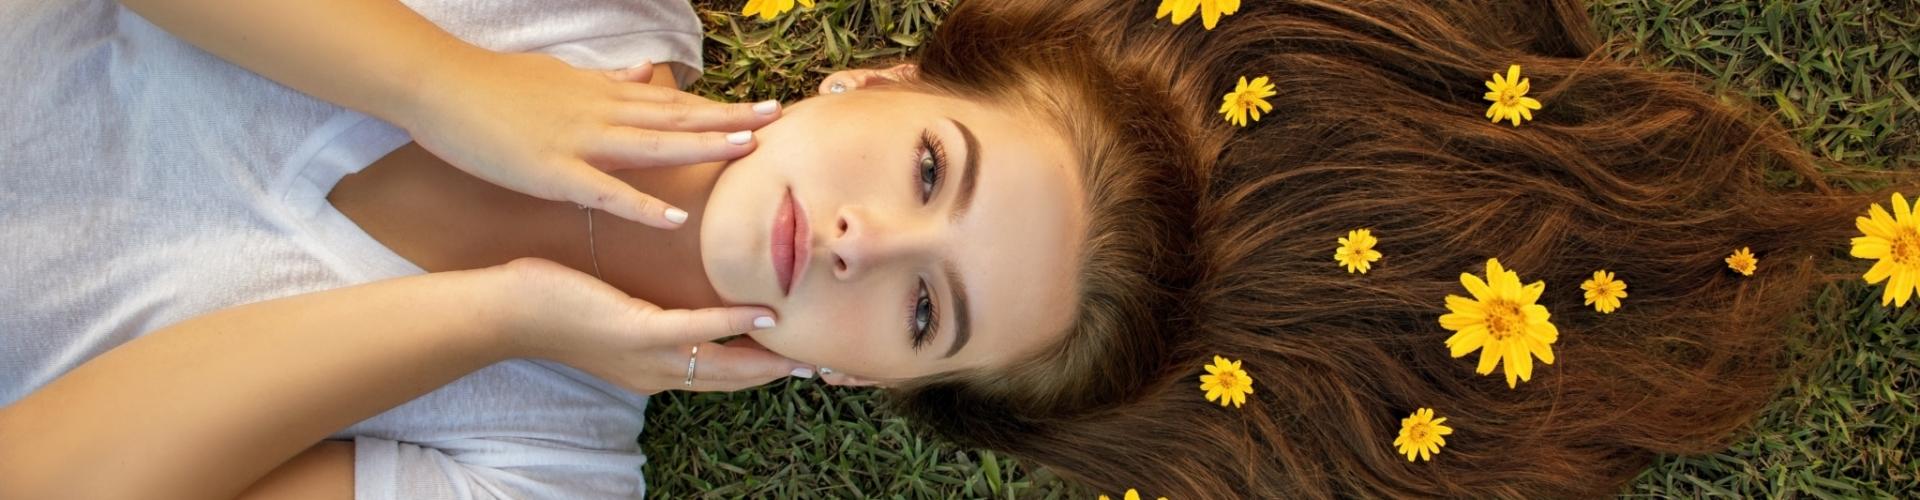 portrait d'une femme avec de beaux cheveux avec l'après-shampoing solide